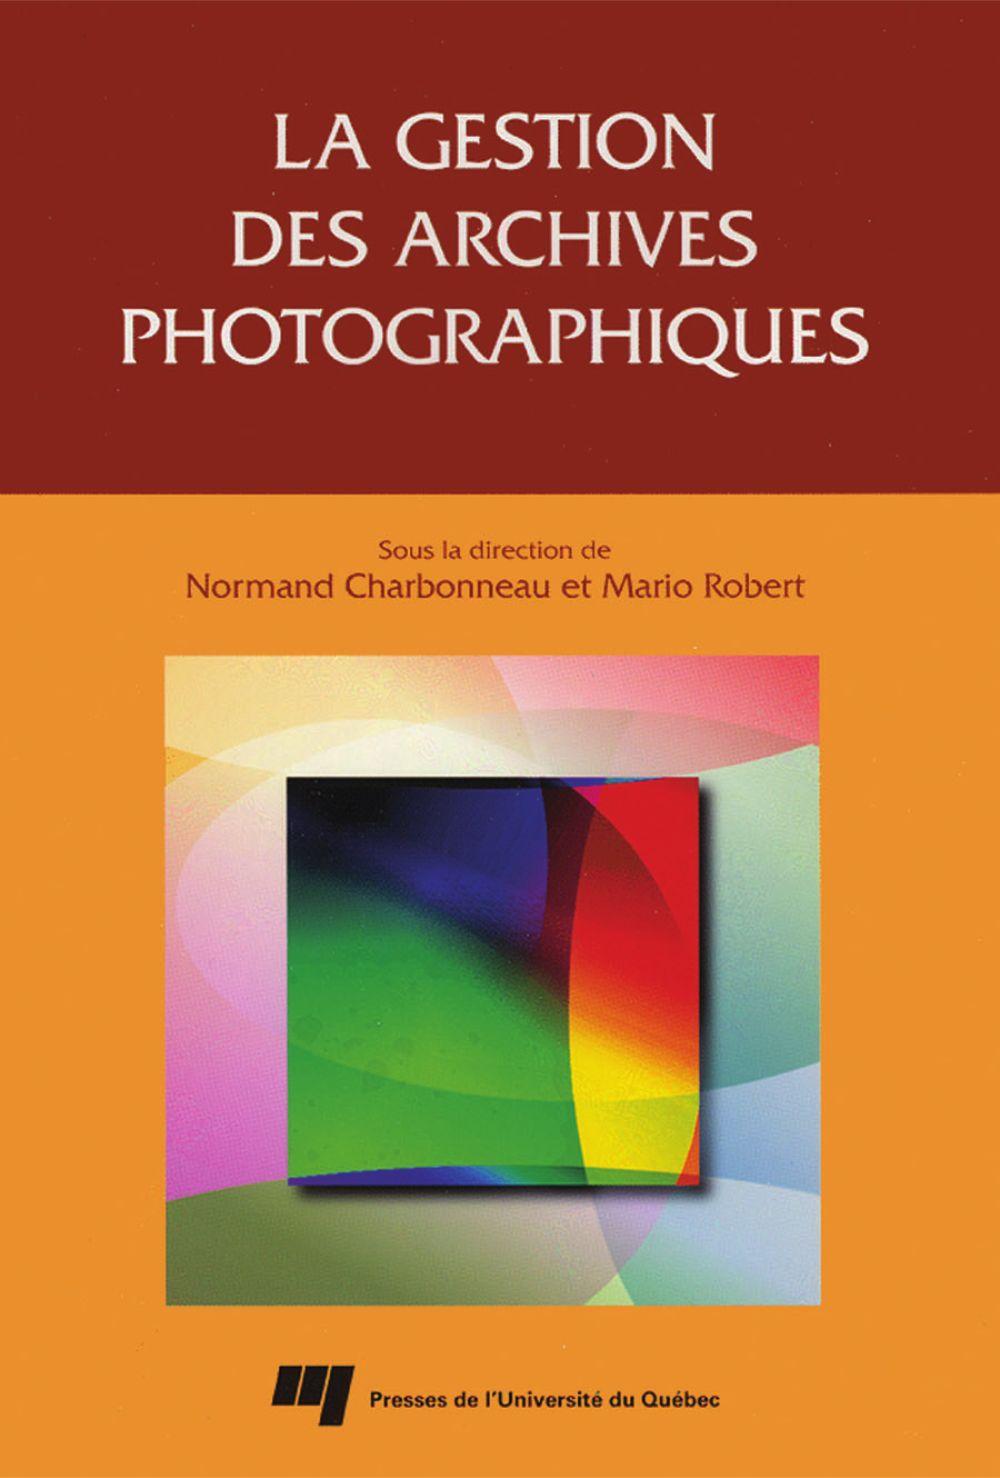 La gestion des archives photographiques